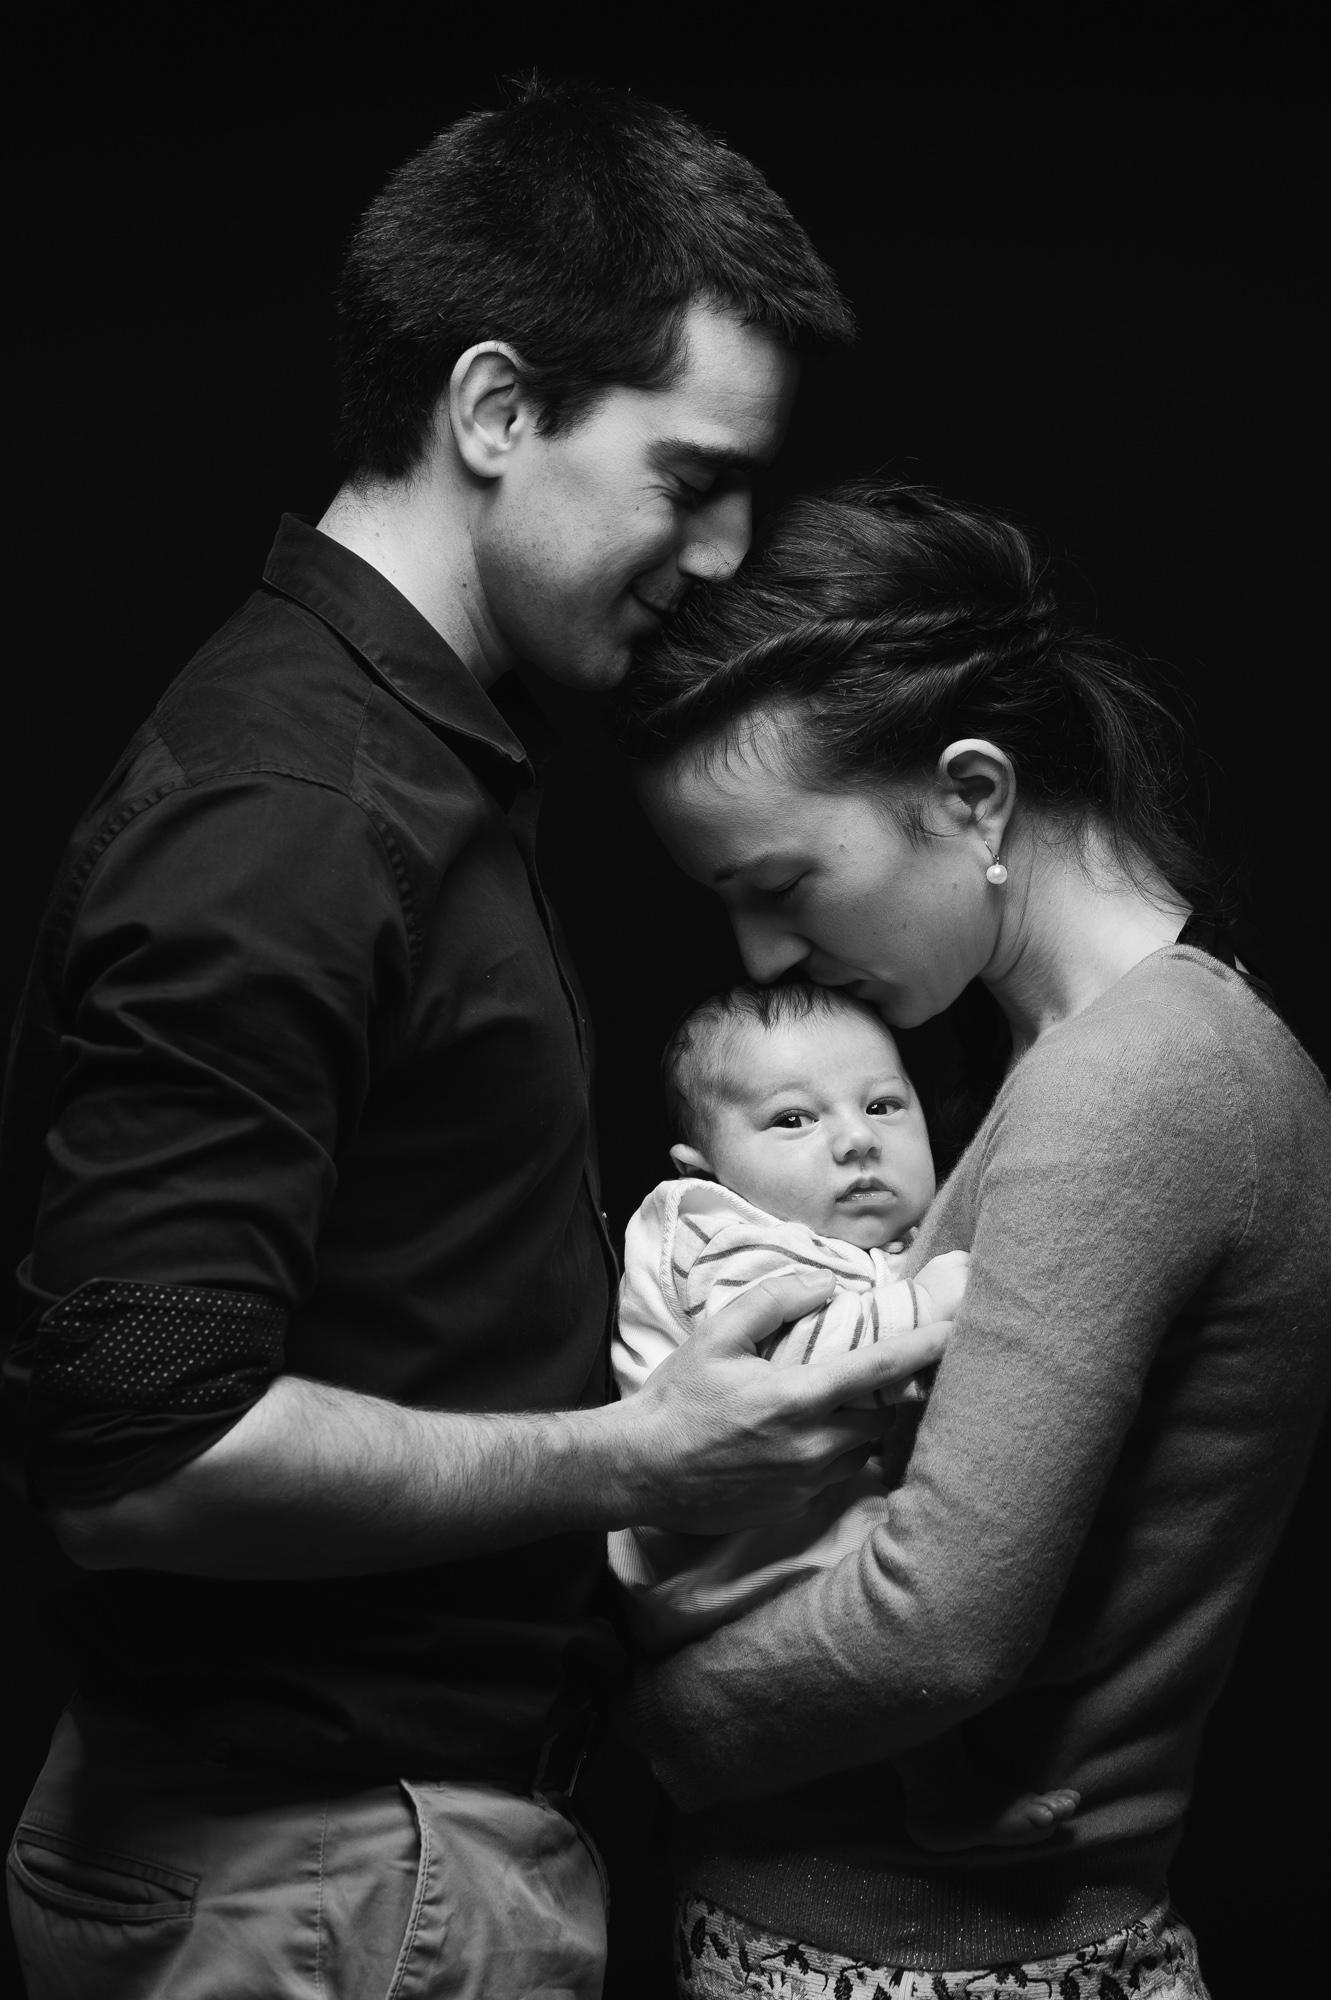 photographe toulouse, noir et blanc, bebe, bébé, famille, famille avec bébé, couple heureux, photo en noir et blanc, studio photo, photographie, seance photo bébé à toulouse, professionnel de la photographie